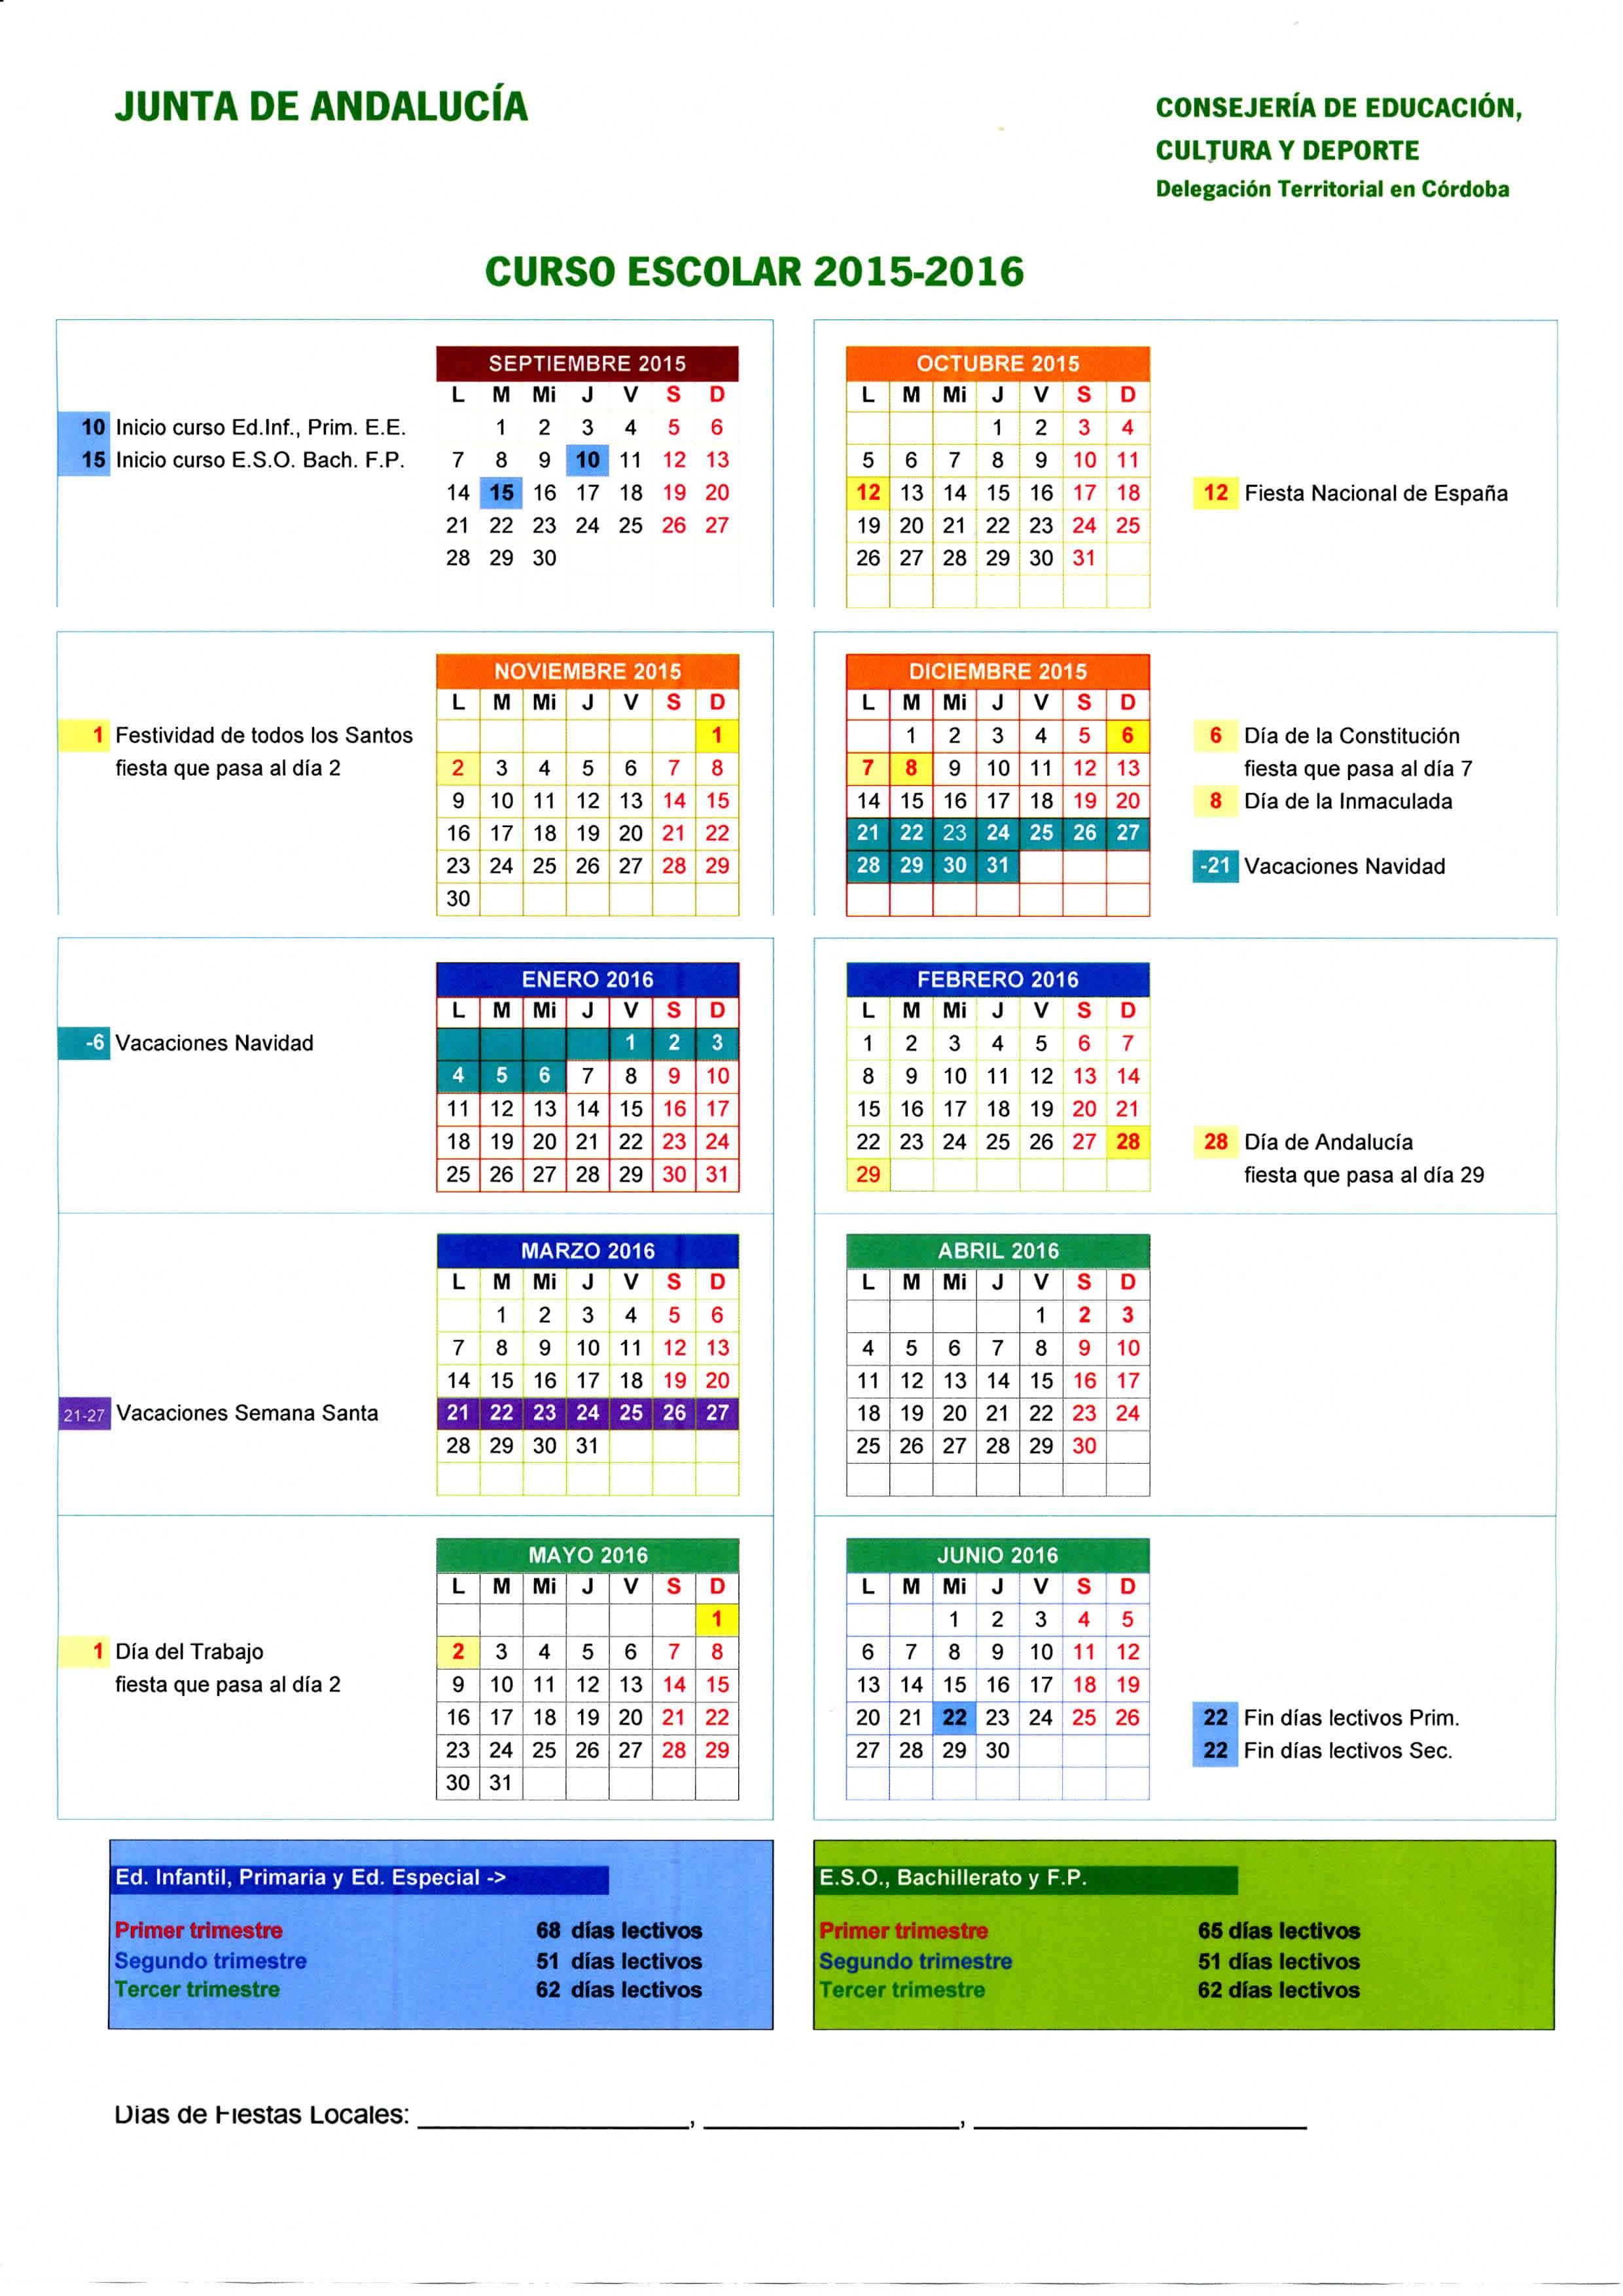 Images calendario del 2015 y 2016 page 4